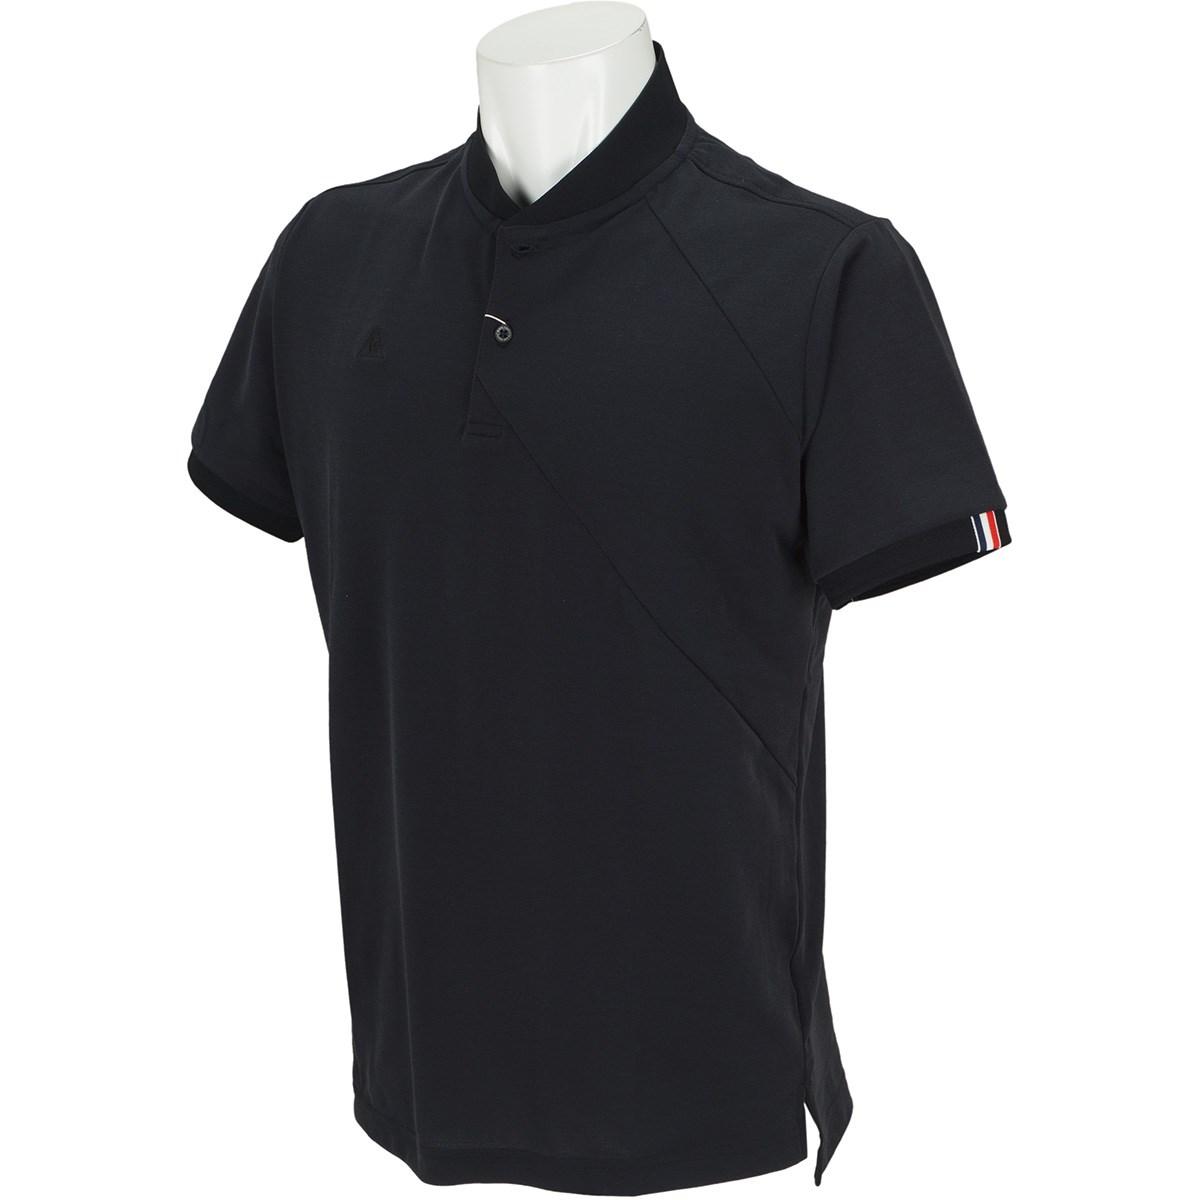 ルコックゴルフ オンライン限定 半袖ポロシャツ